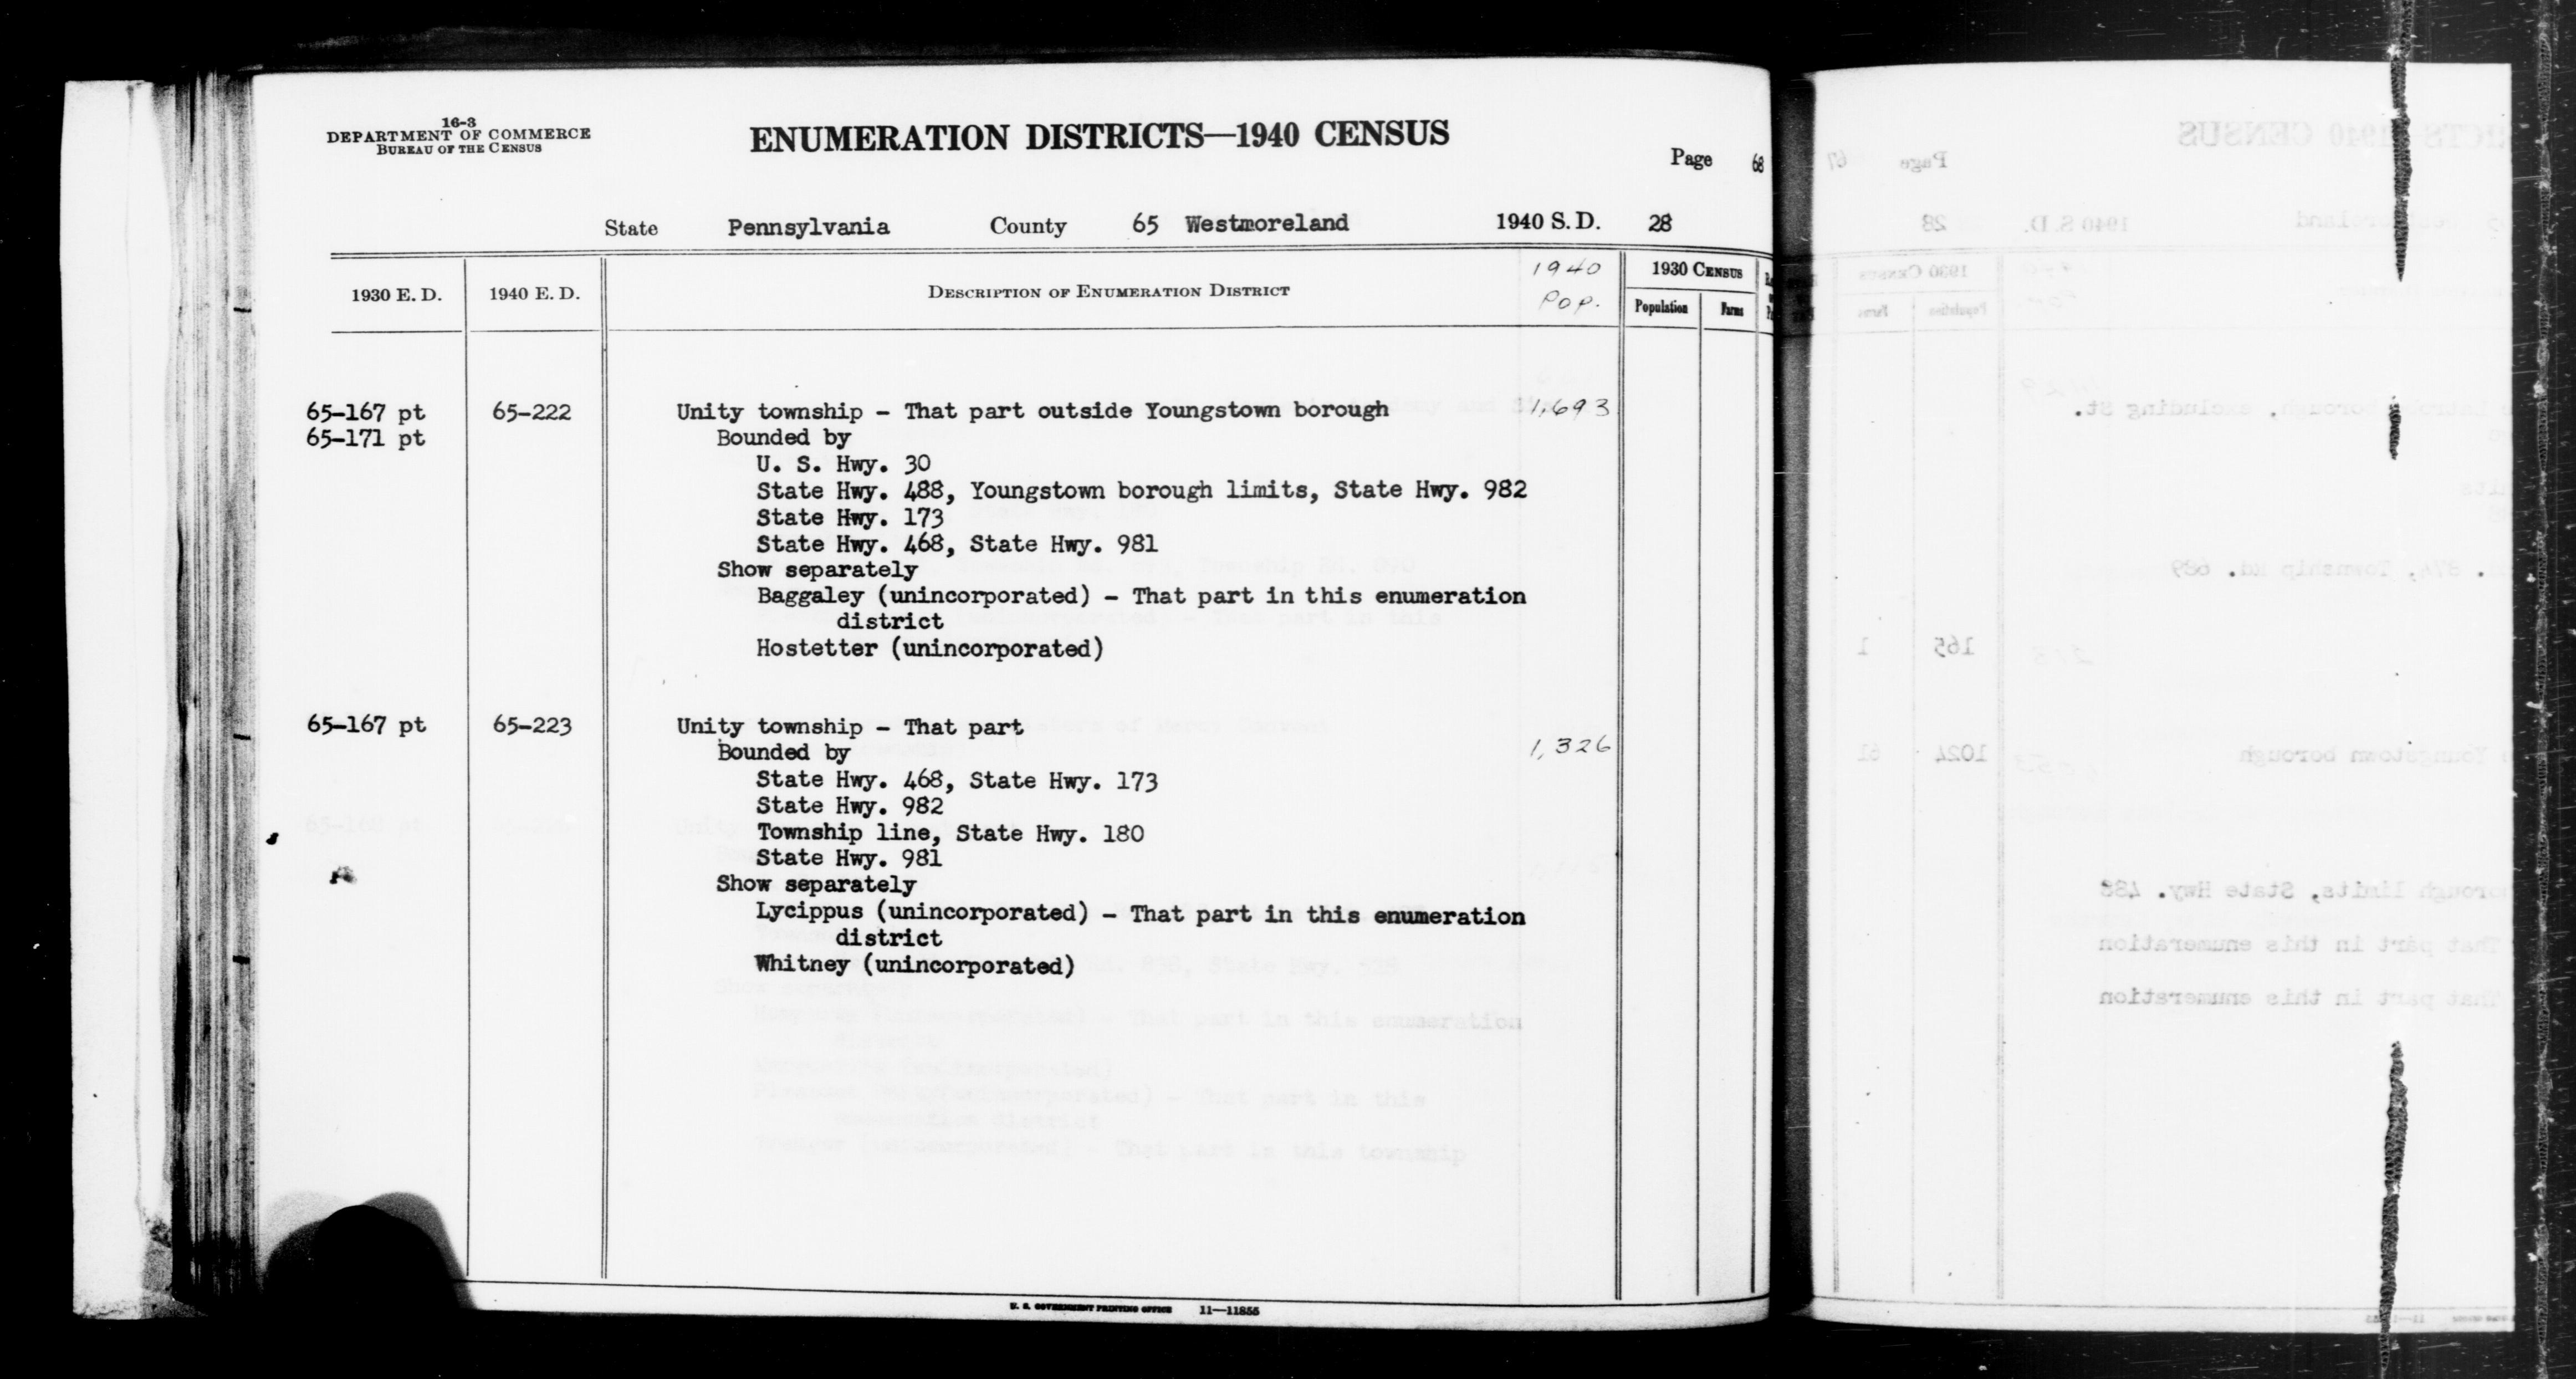 1940 Census Enumeration District Descriptions - Pennsylvania - Westmoreland County - ED 65-222, ED 65-223